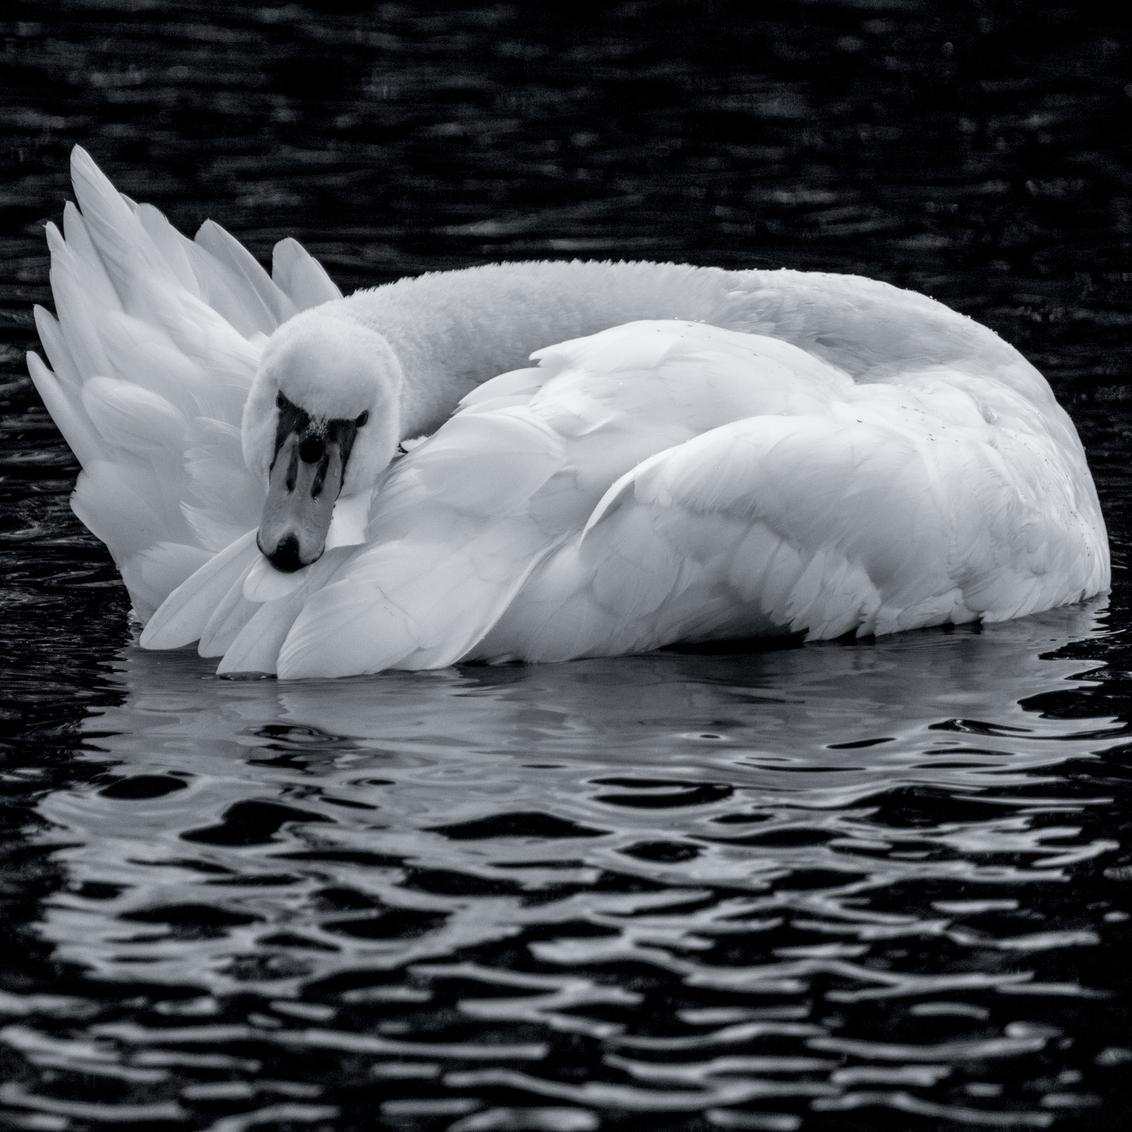 Swan in B&W - ... - foto door Christiaan_zoom op 02-11-2018 - deze foto bevat: water, natuur, druppel, licht, dieren, veren, reflectie, zwaan, meer, watervogel, nederland, zwartwit, knobbelzwaan